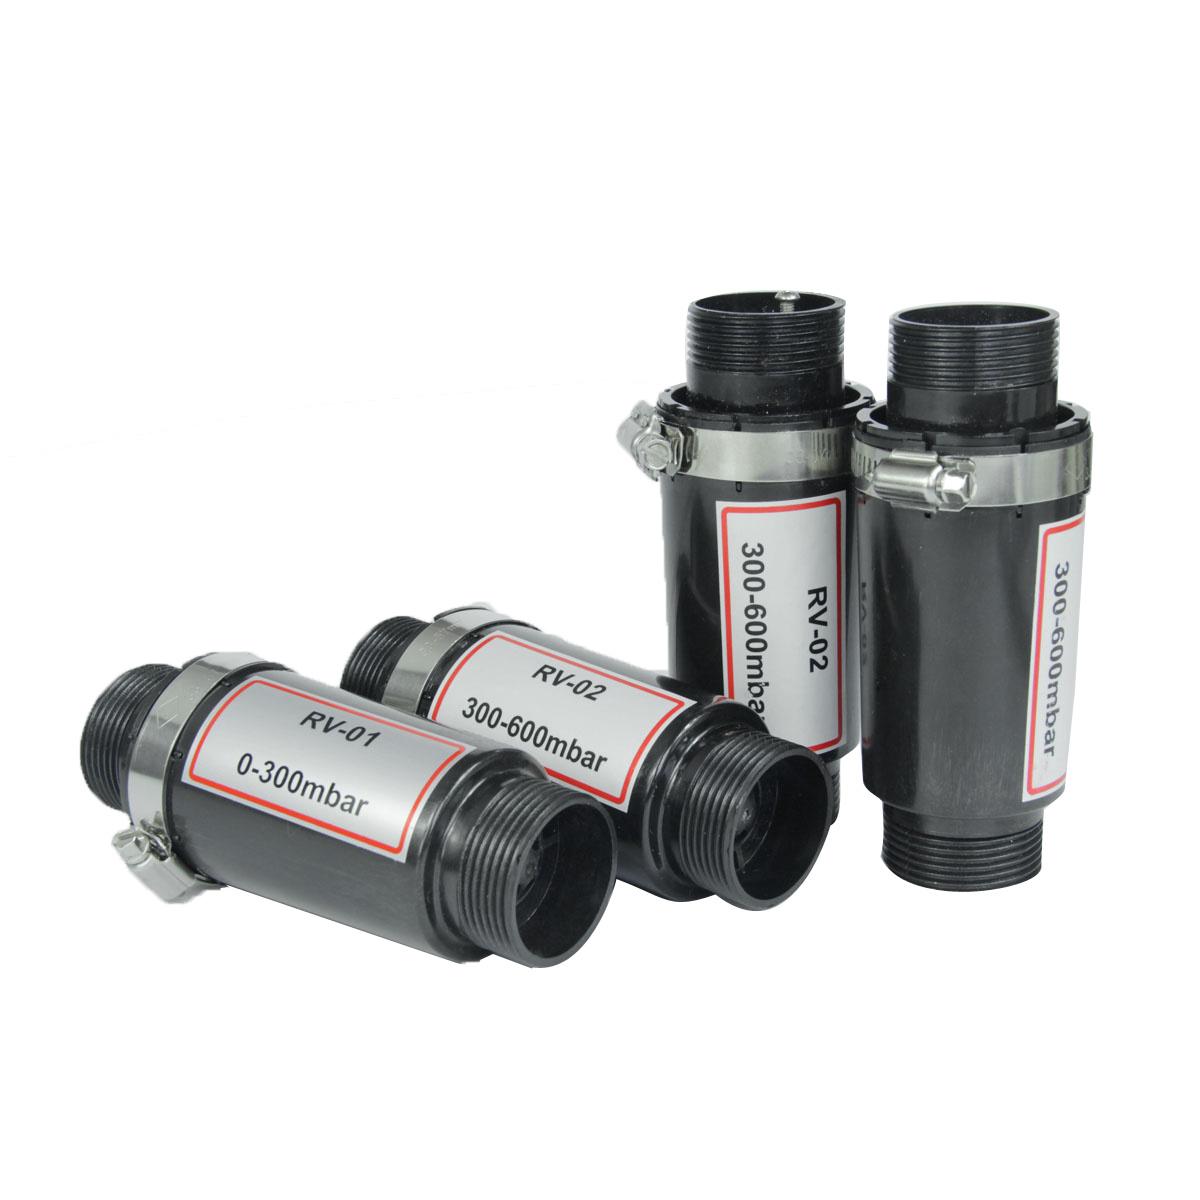 Vacuum Pump 300-600mbar Plastic Pressure Relief Valve (RV-02)